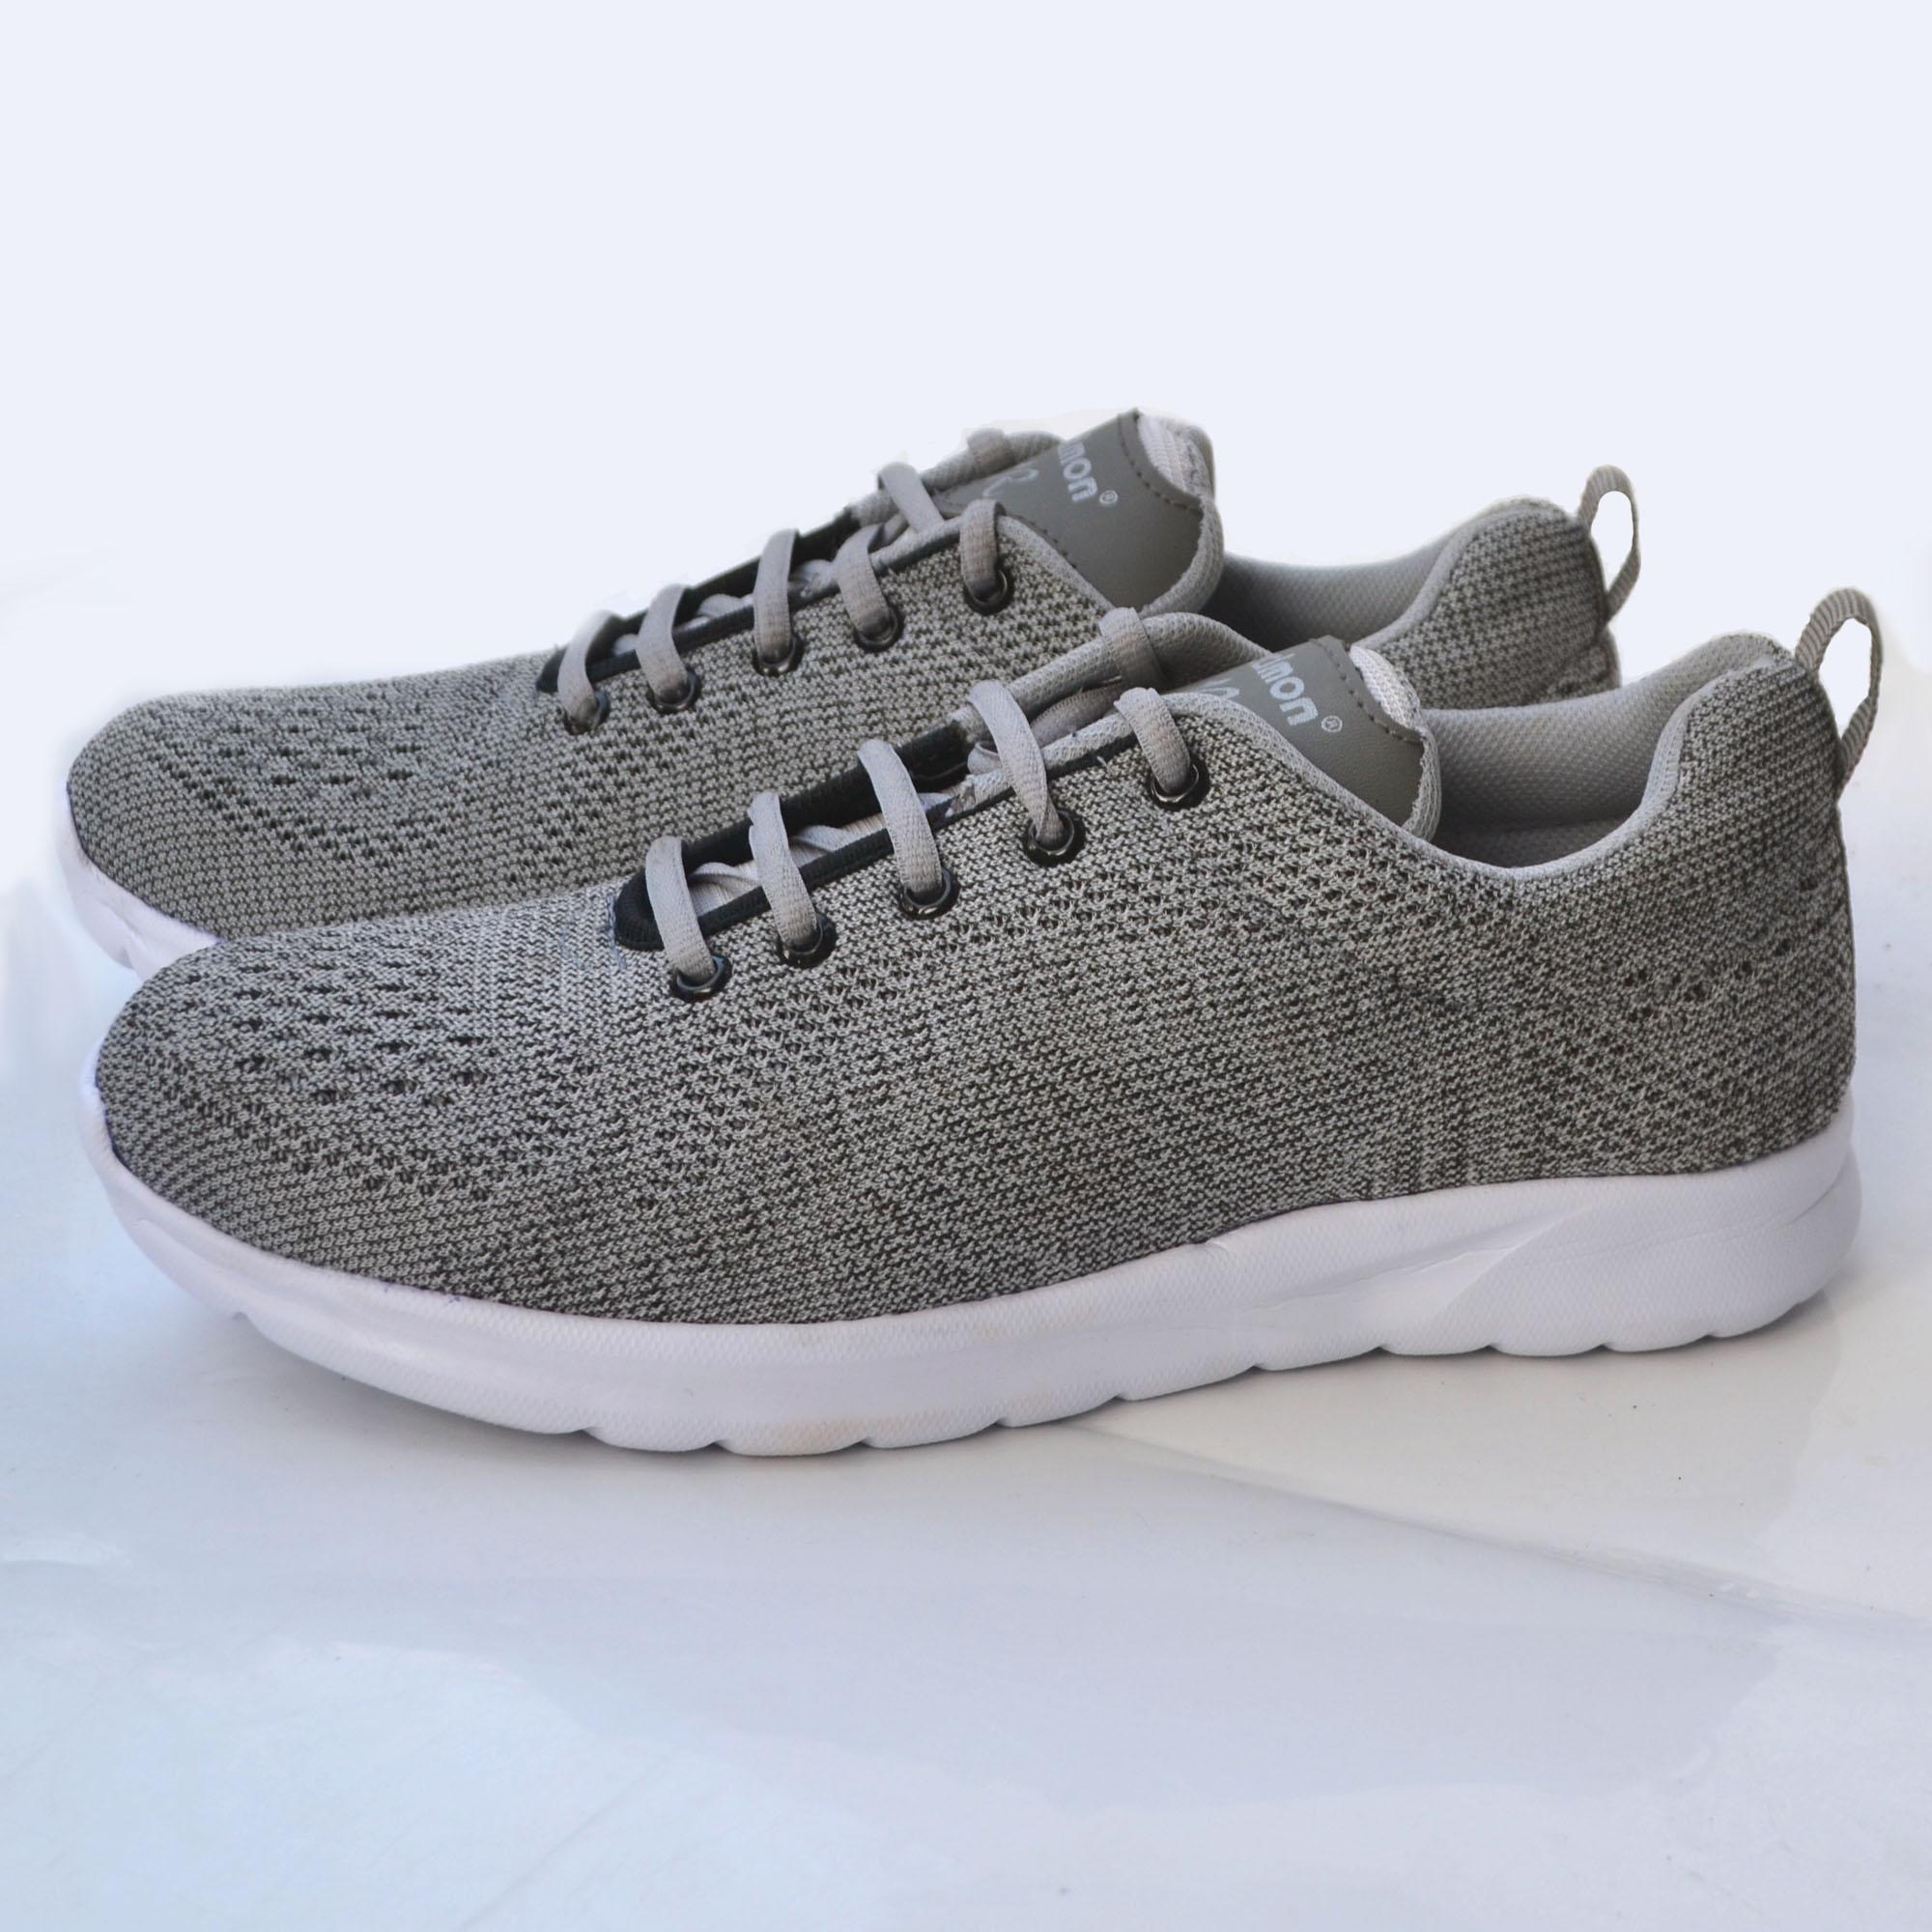 SNJ Sepatu Sneaker Pria - Sepatu Kets 888 Kasual Pria - Sepatu Pria Running Sepatu Termurah